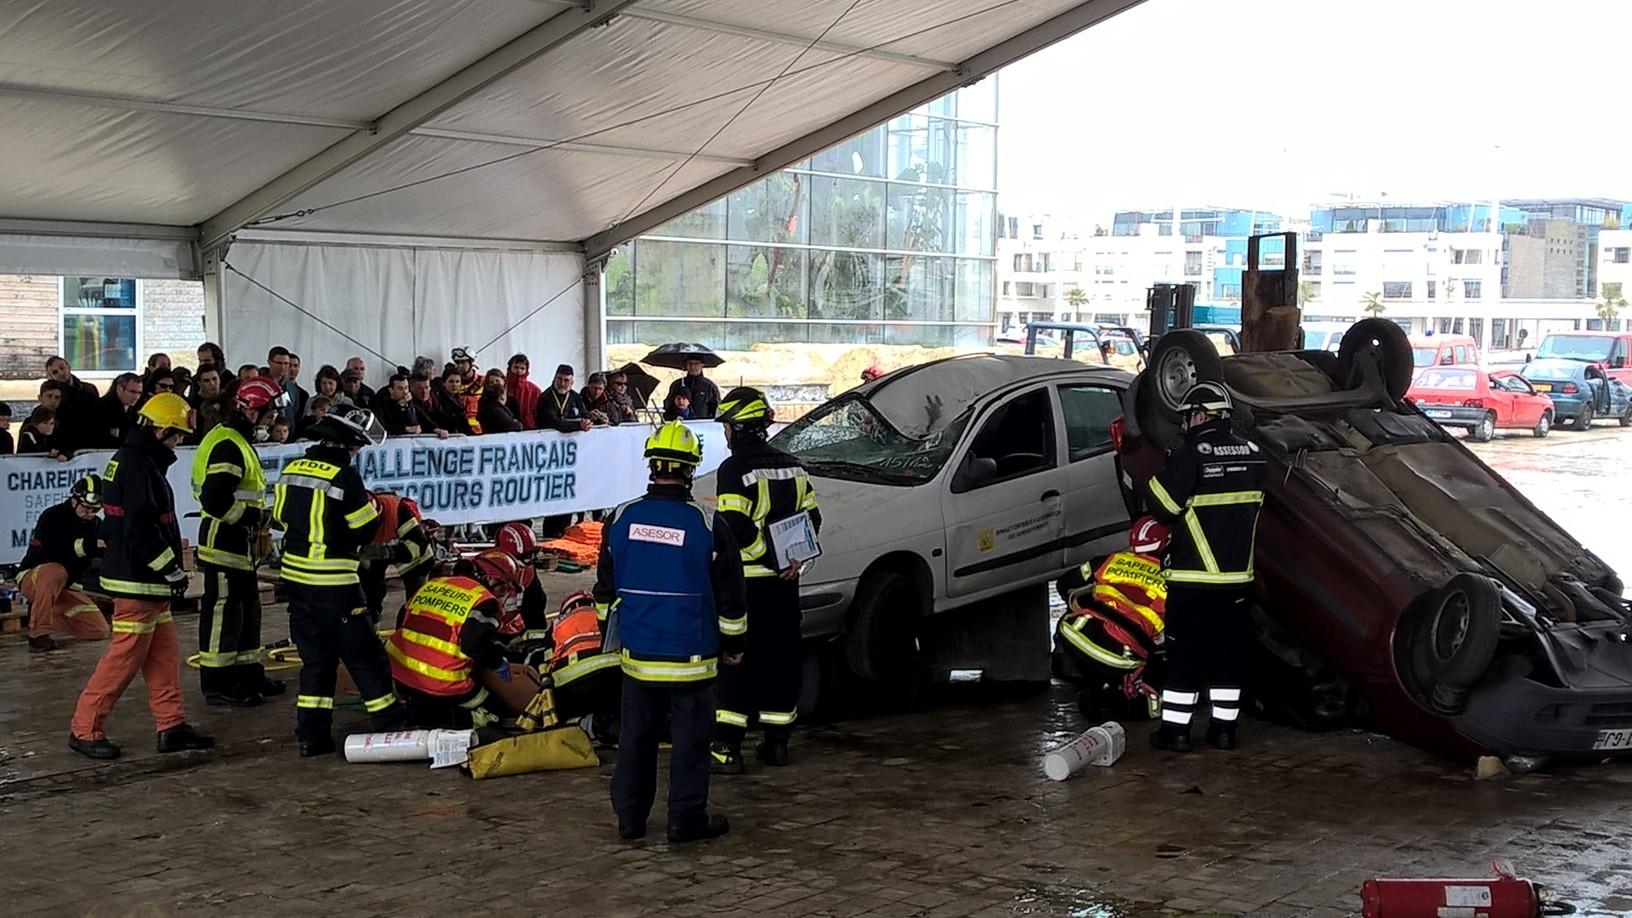 Challenge national de secours routier 2016